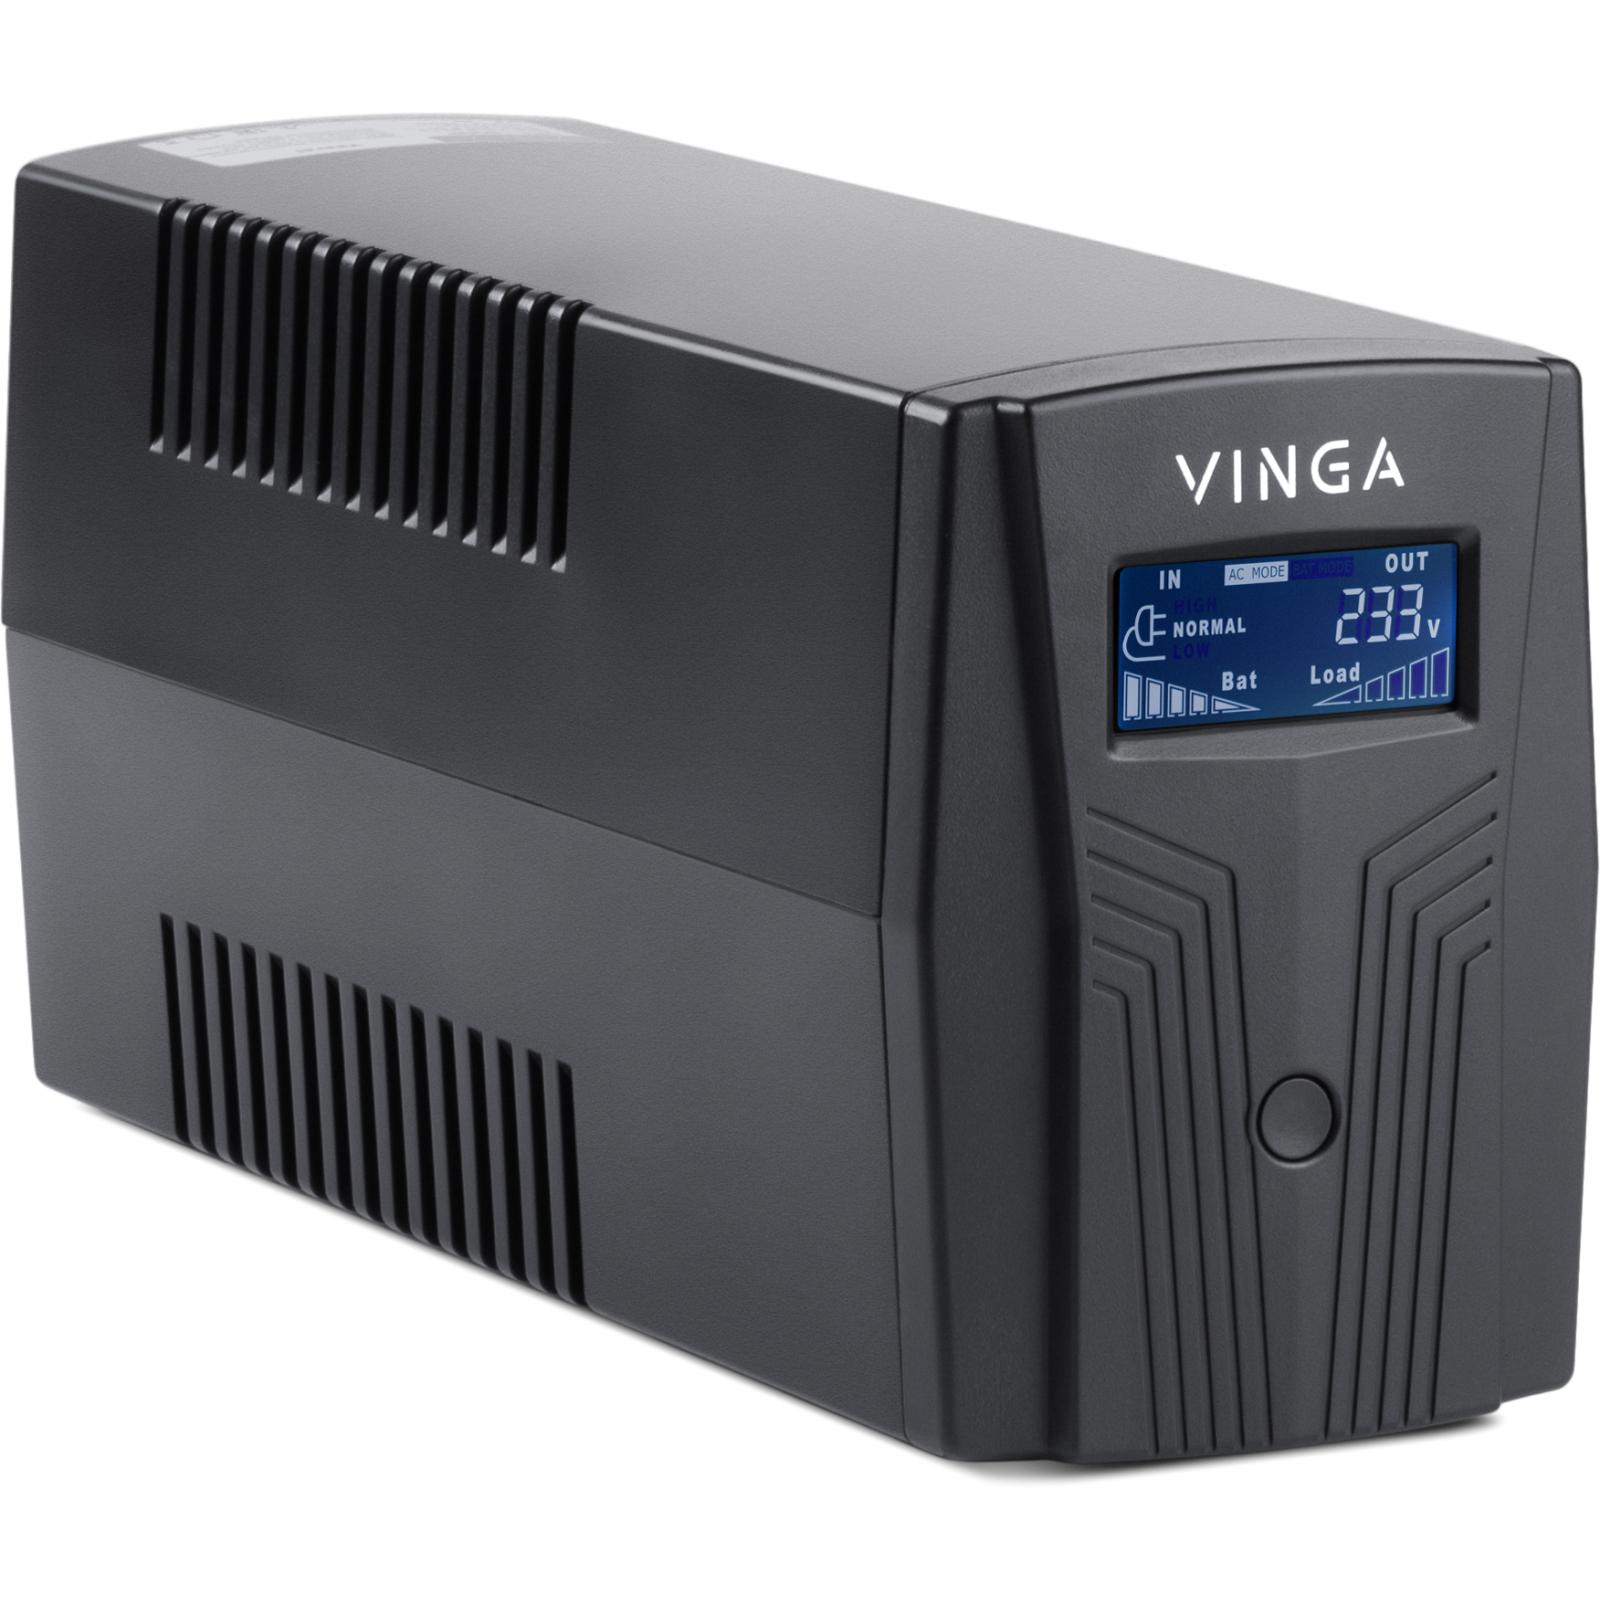 Источник бесперебойного питания Vinga LCD 1200VA plastic case (VPC-1200P) изображение 3